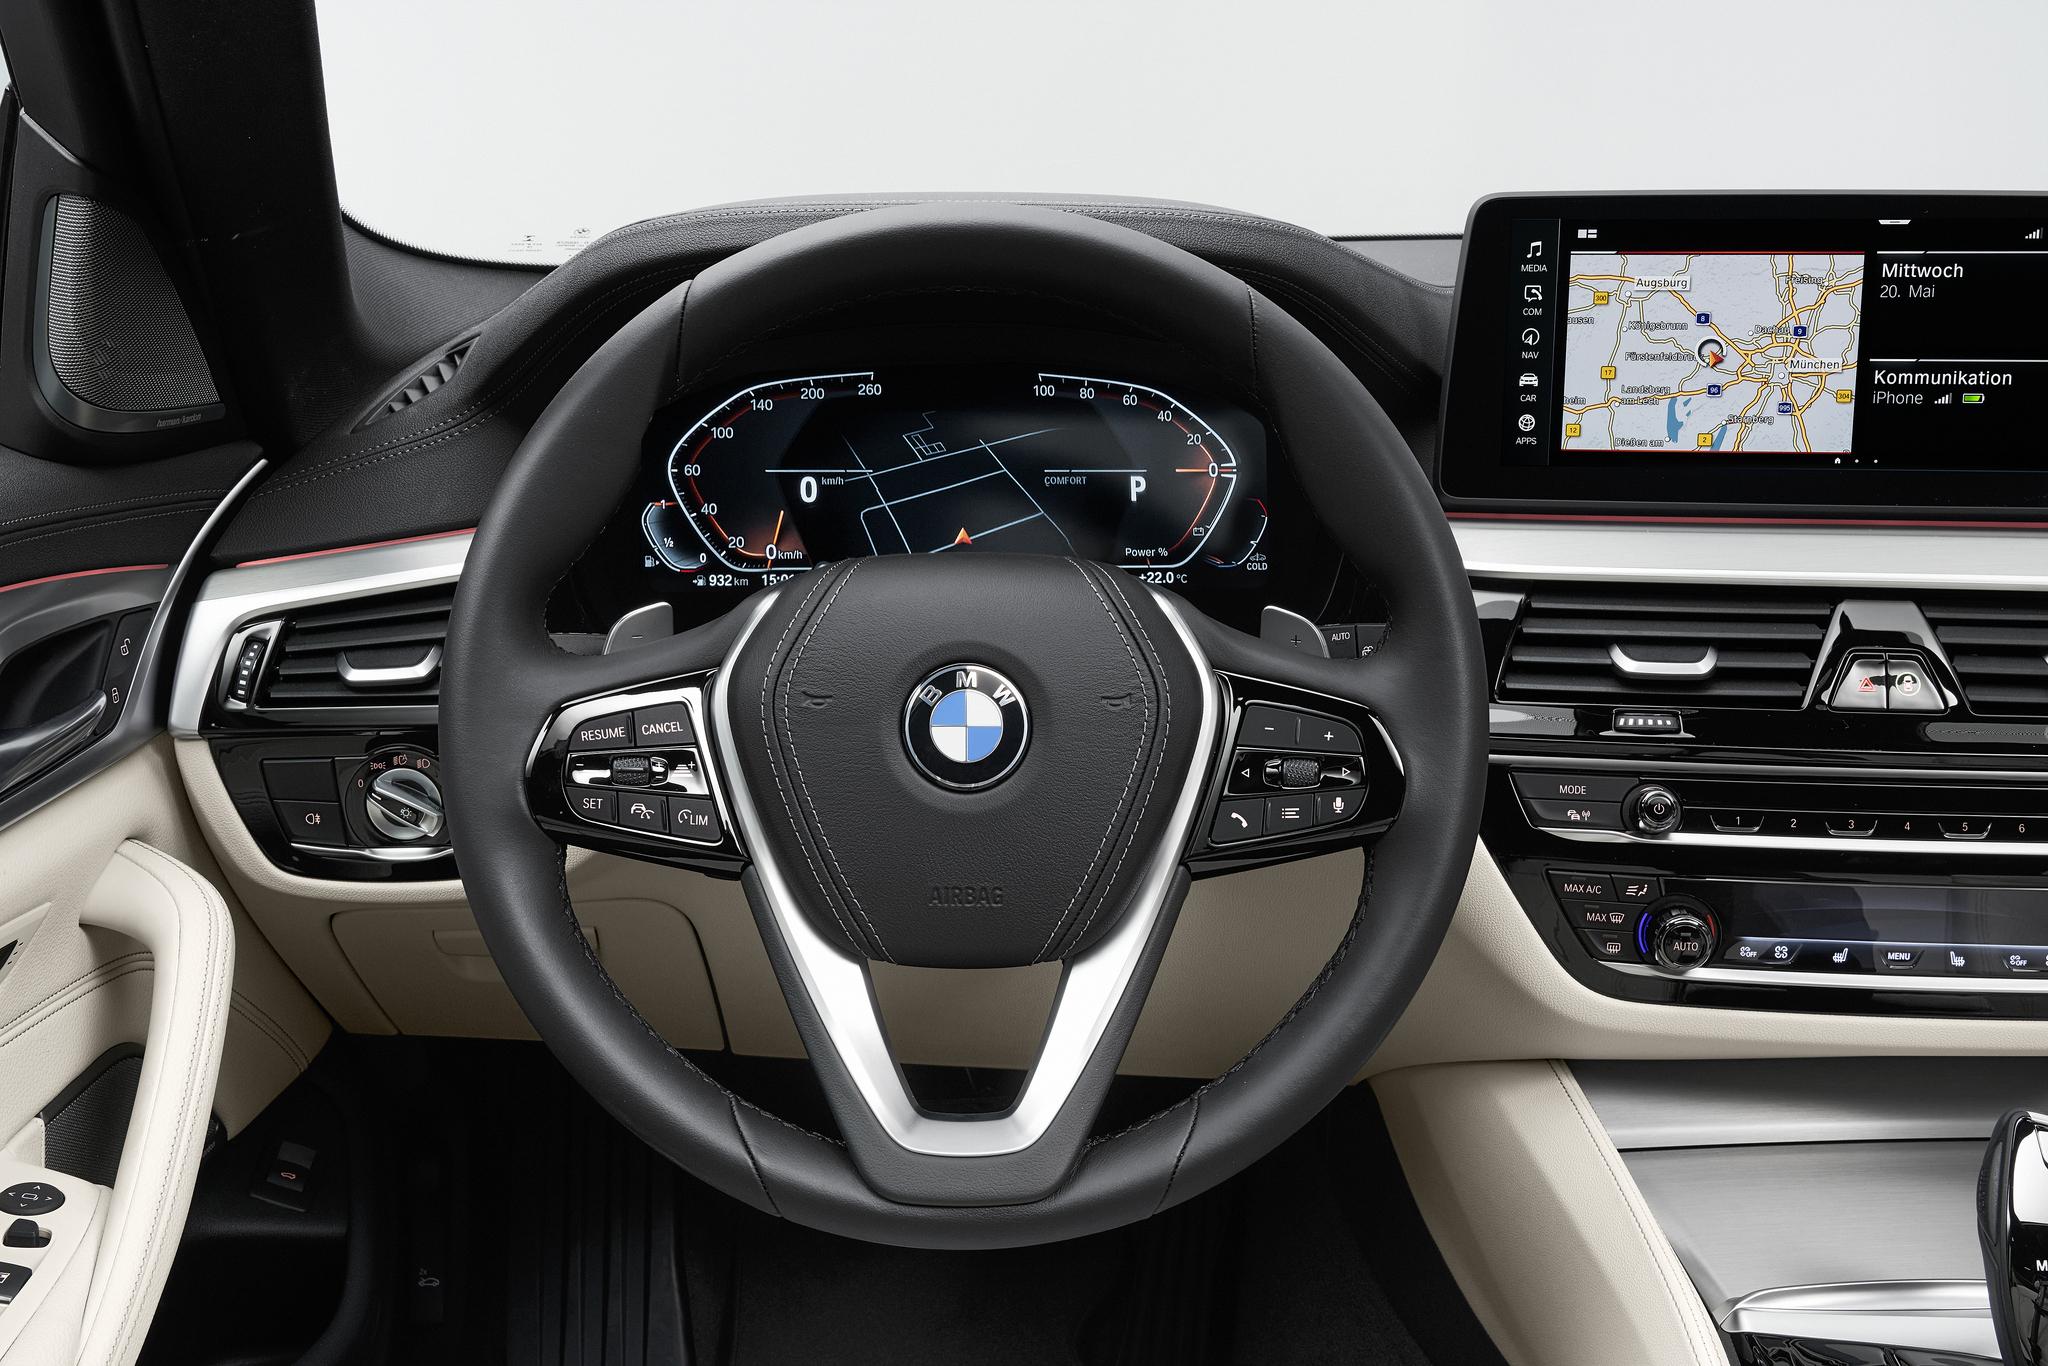 5시리즈 부분변경 모델의 스티어링휠은 버튼 배열이 조금 바뀌었다. 액티브크루즈컨트롤과 조향보조 기능이 하나로 합쳐졌고 앞차와의 거리를 조절하는 버튼이 두개로 나뉘었다. 사진 BMW그룹코리아